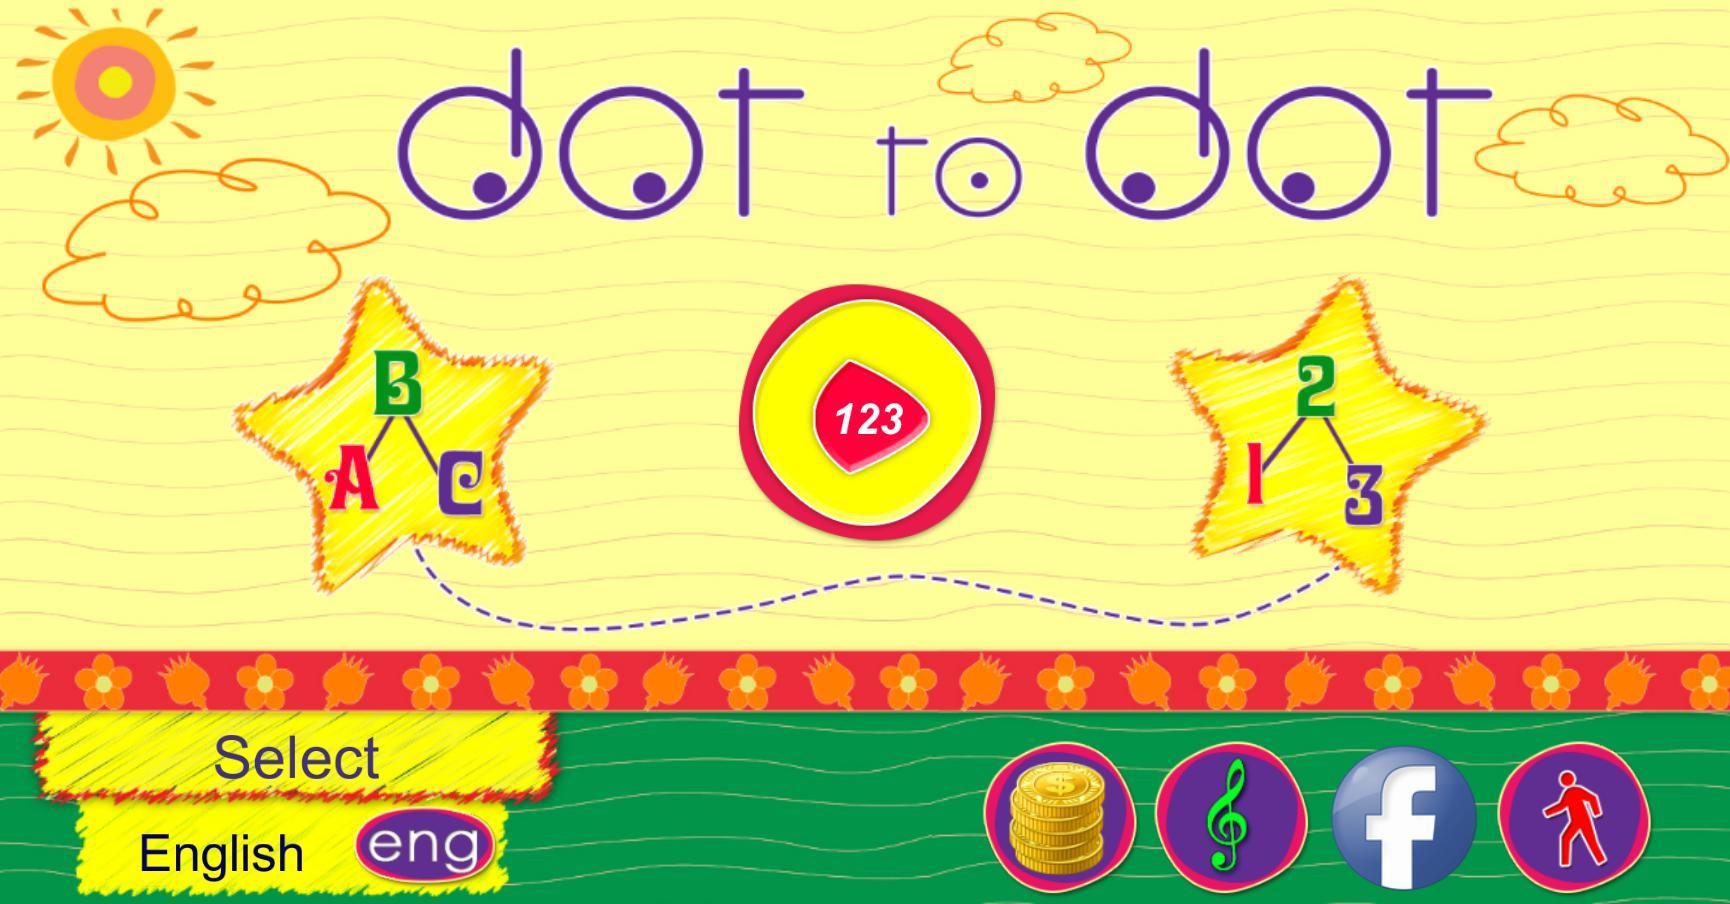 点到点 - 教育游戏 游戏截图1